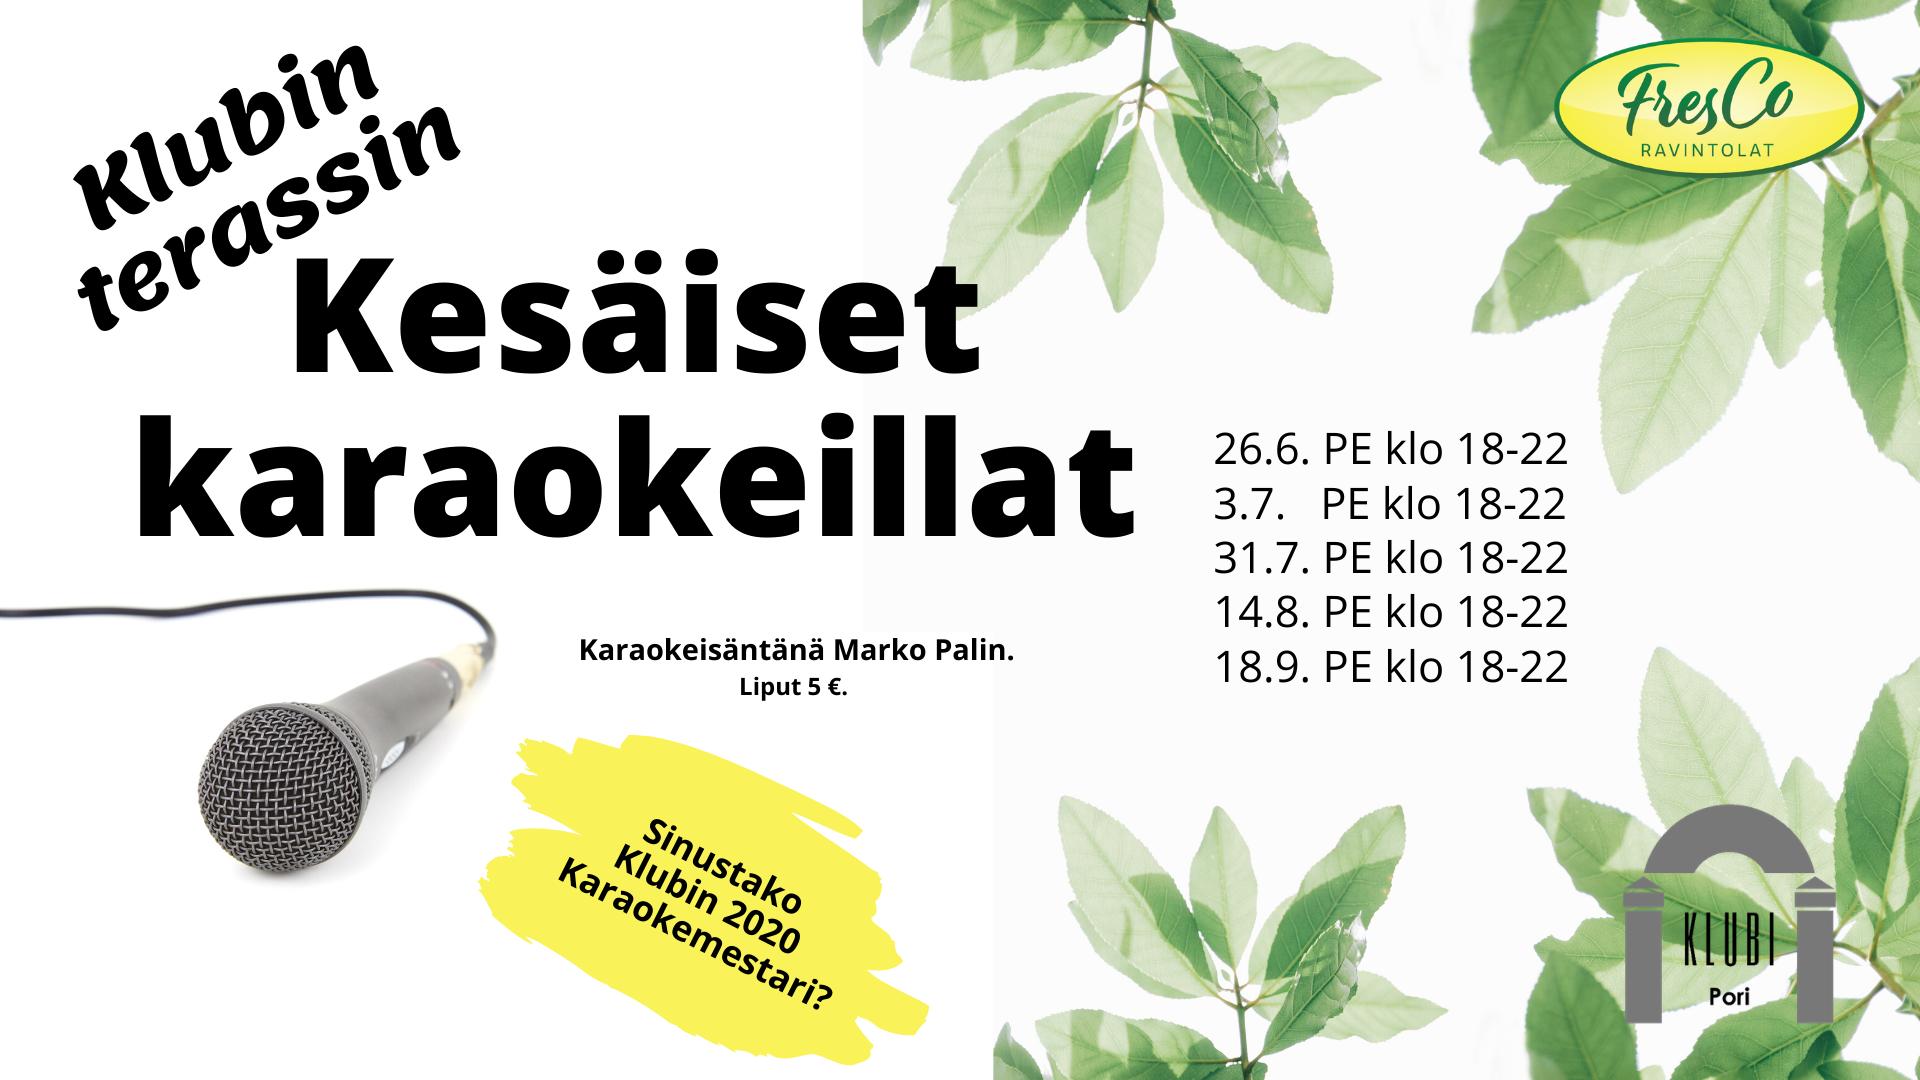 Kesäinen karaokeilta Klubin terassilla 4/5